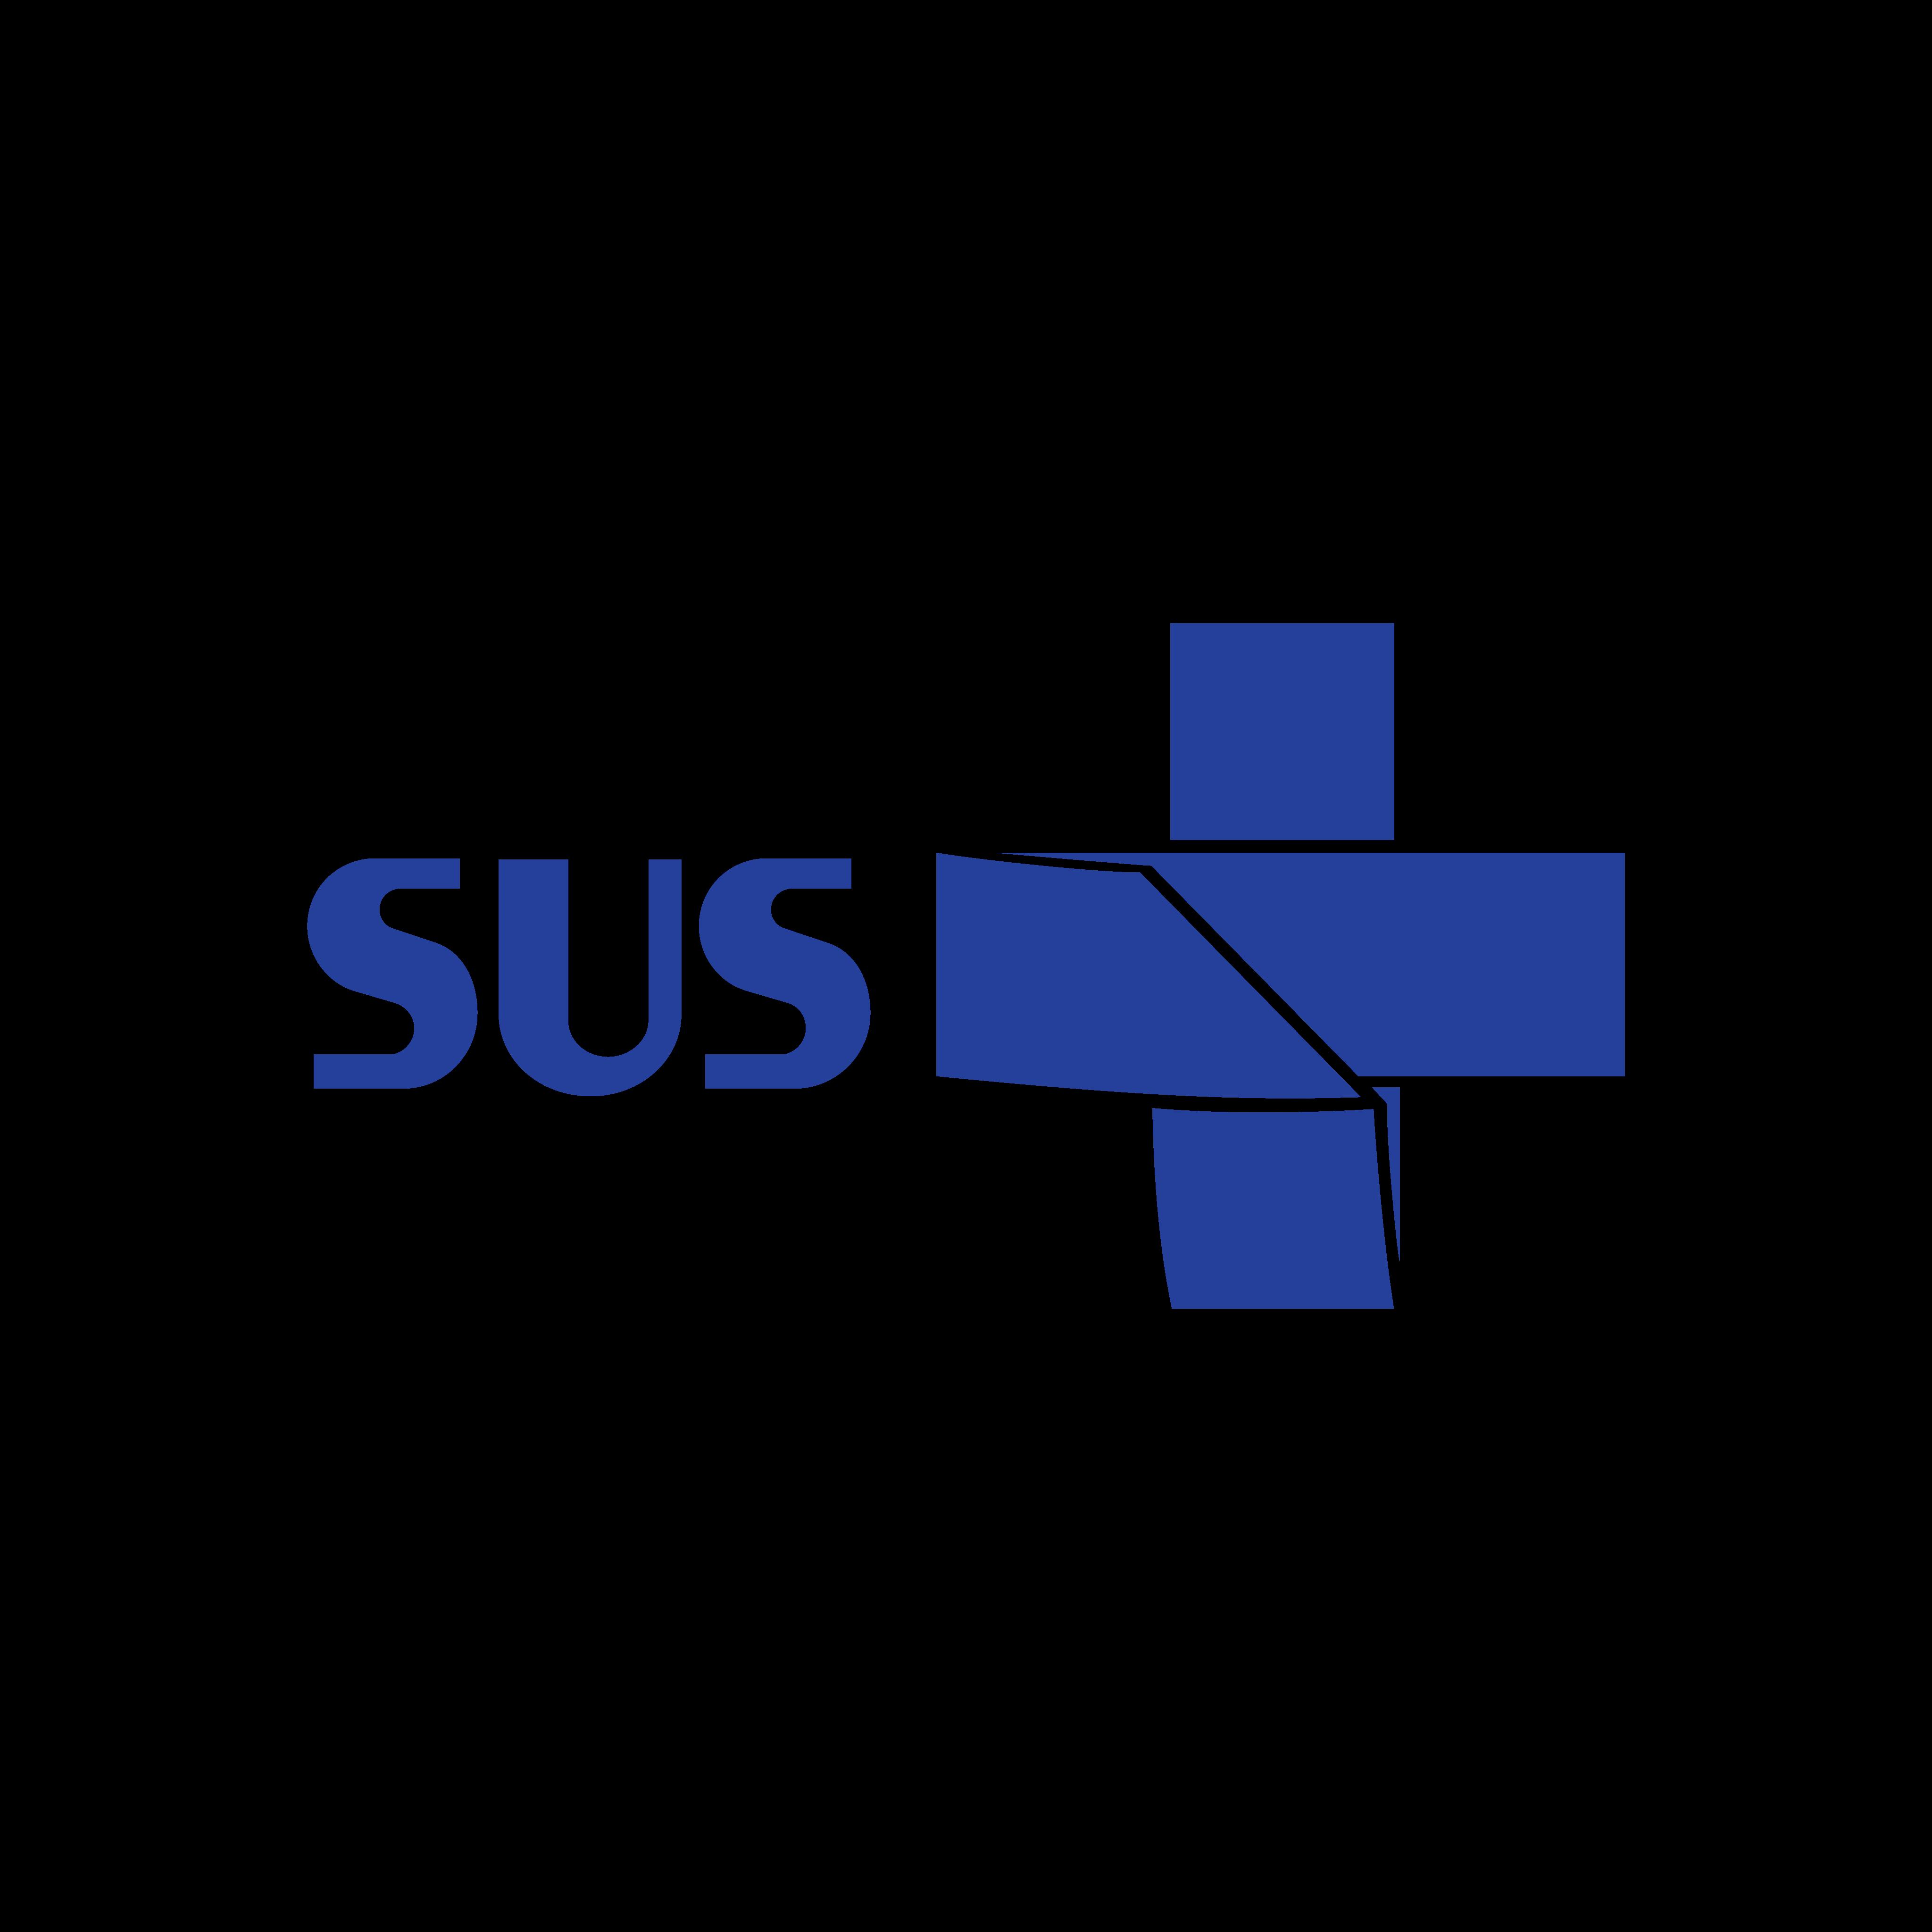 sus logo 0 - SUS Logo - Sistema Único de Saúde Logo